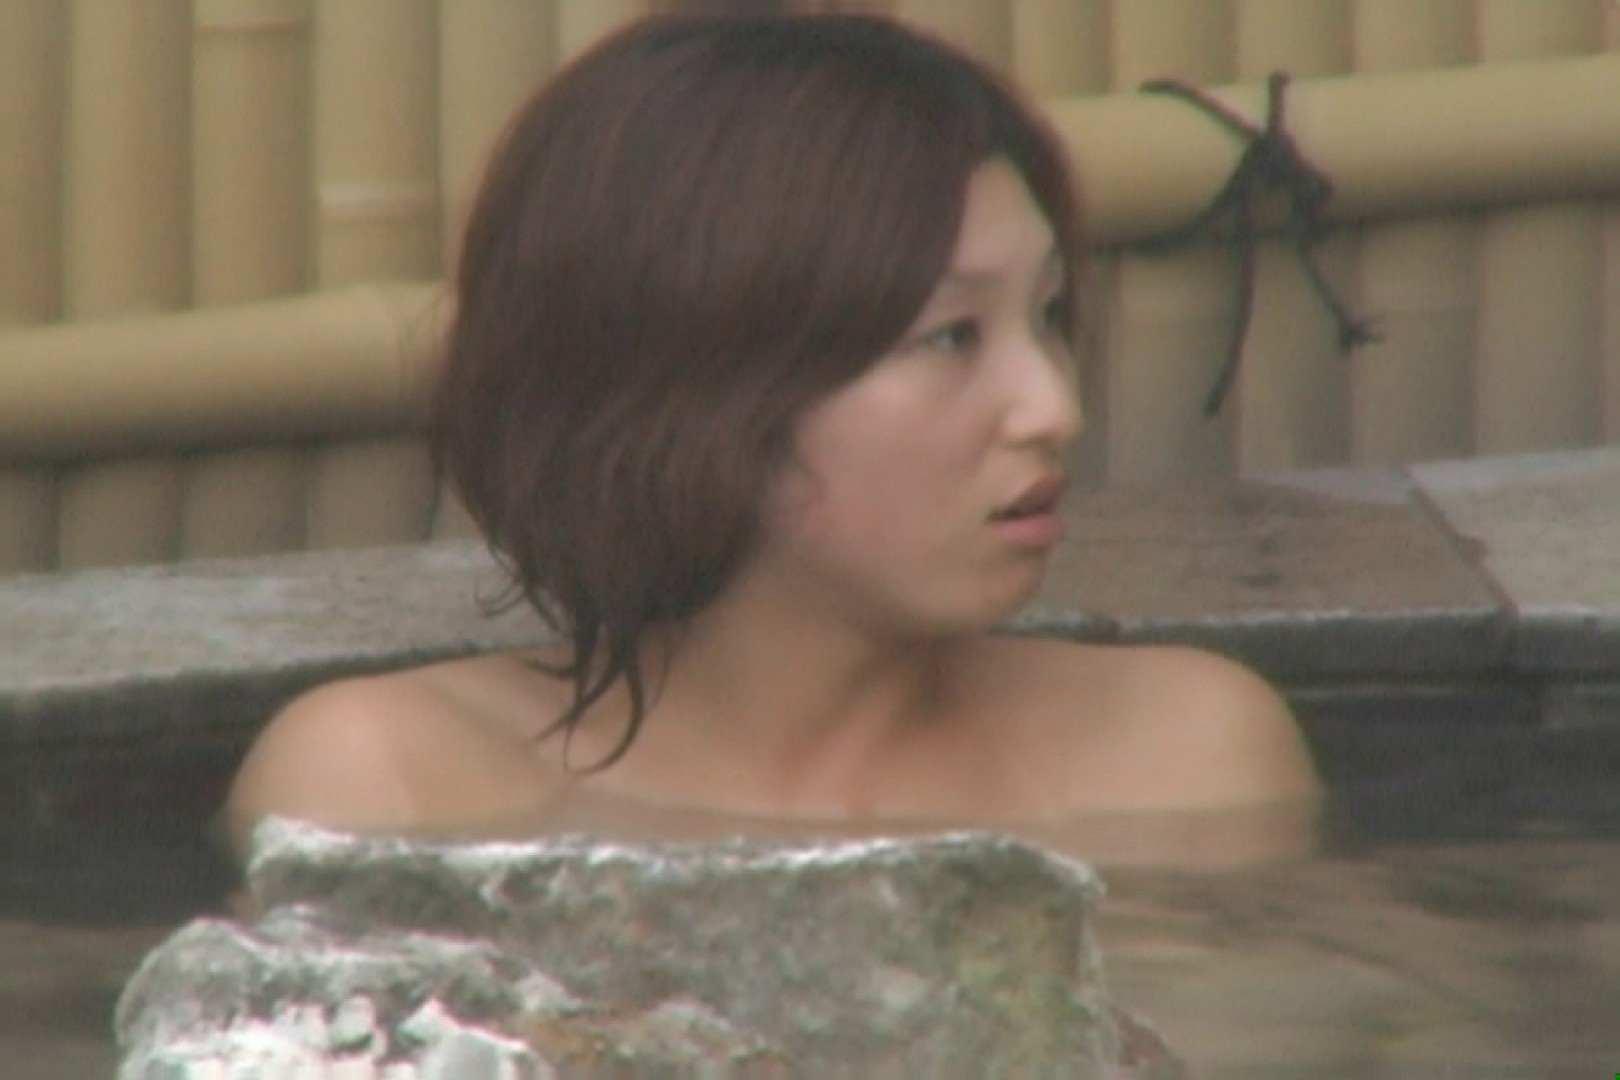 Aquaな露天風呂Vol.610 OLハメ撮り  74Pix 60